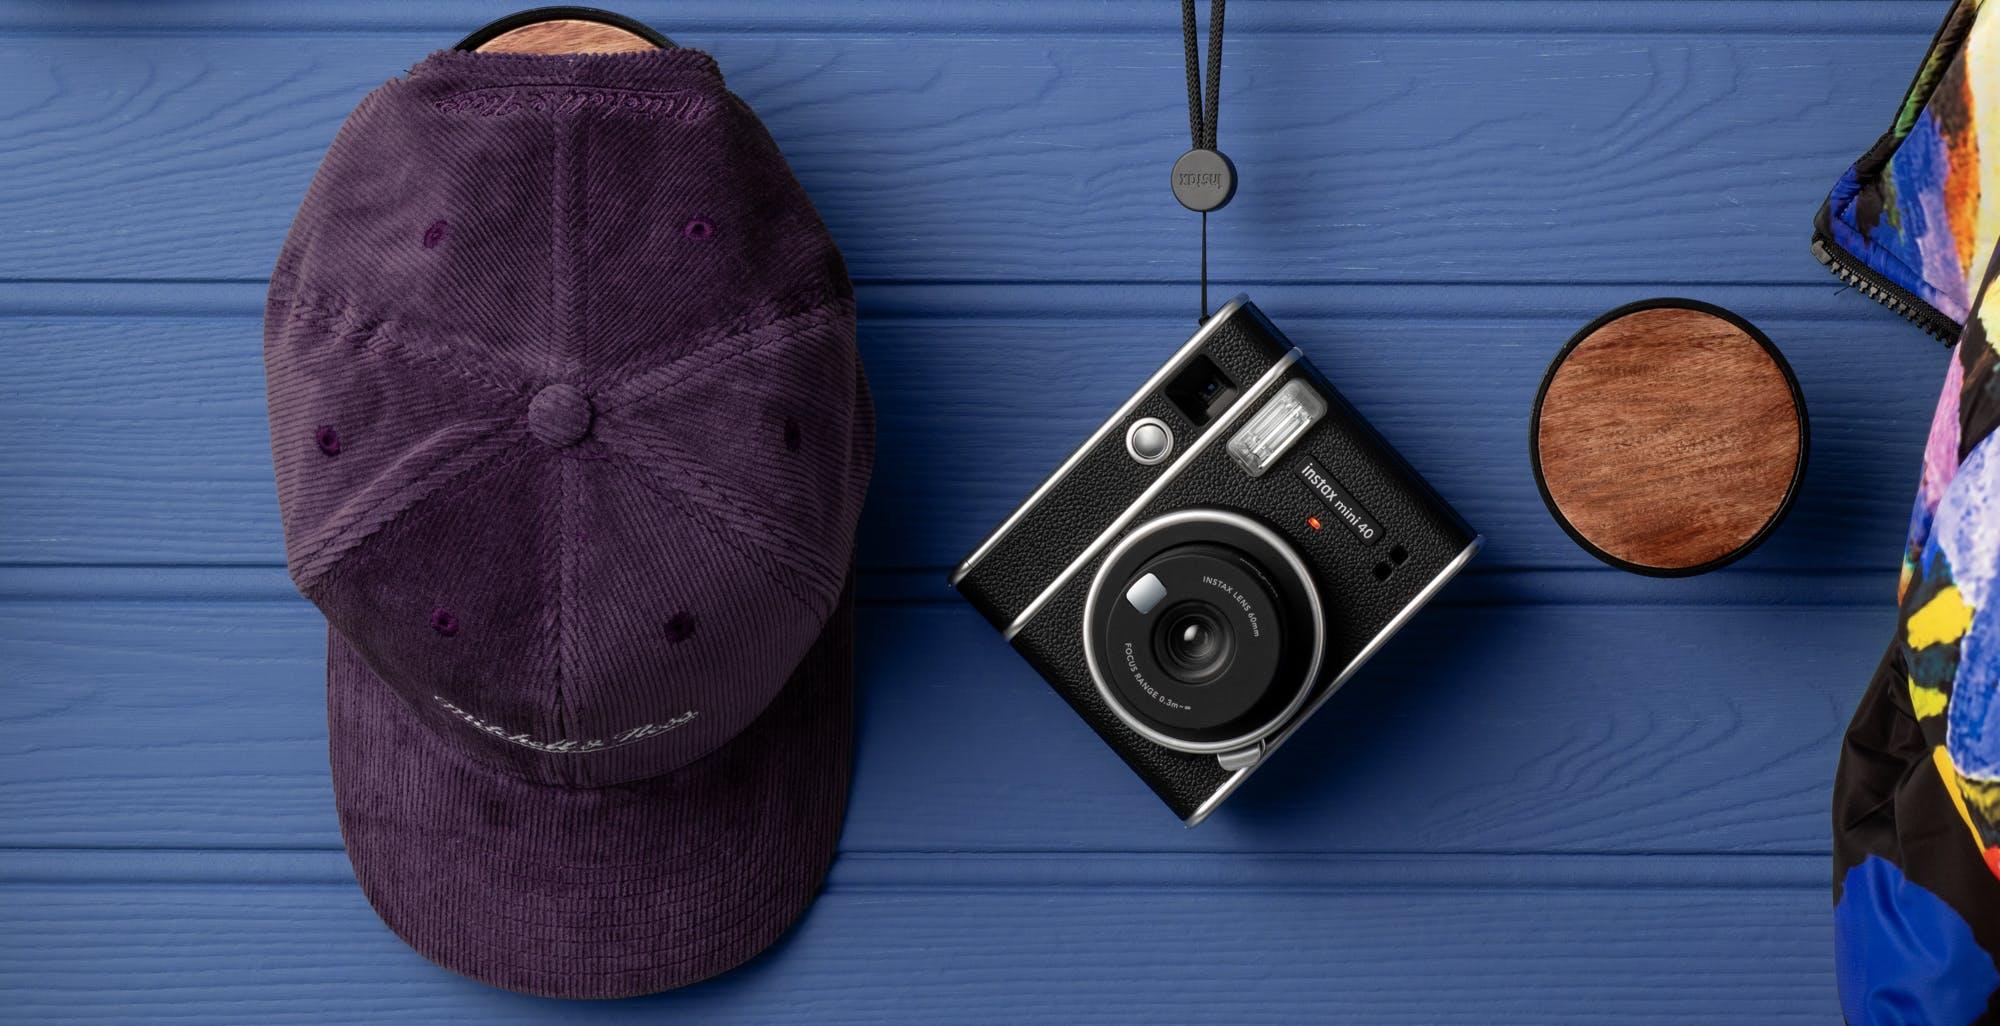 Fujifilm lancia instax mini 40, la macchina fotografica istantanea dalle linee classiche